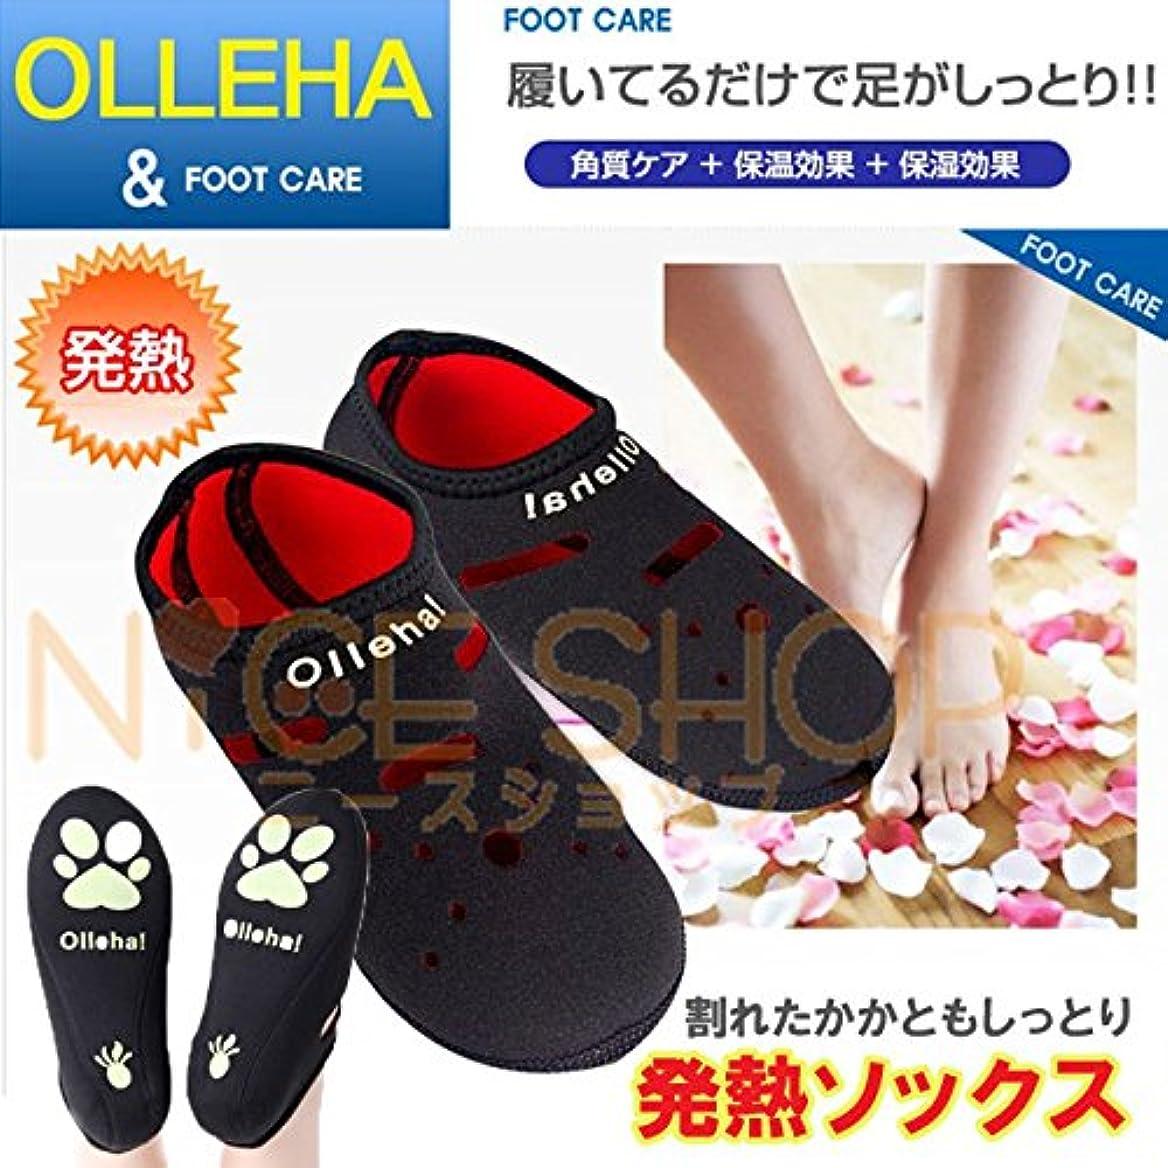 テーブルペストリーうるさい発熱靴下(足袋)発熱ソックス、フットケアー Olleha! (S(22.0~23.0))